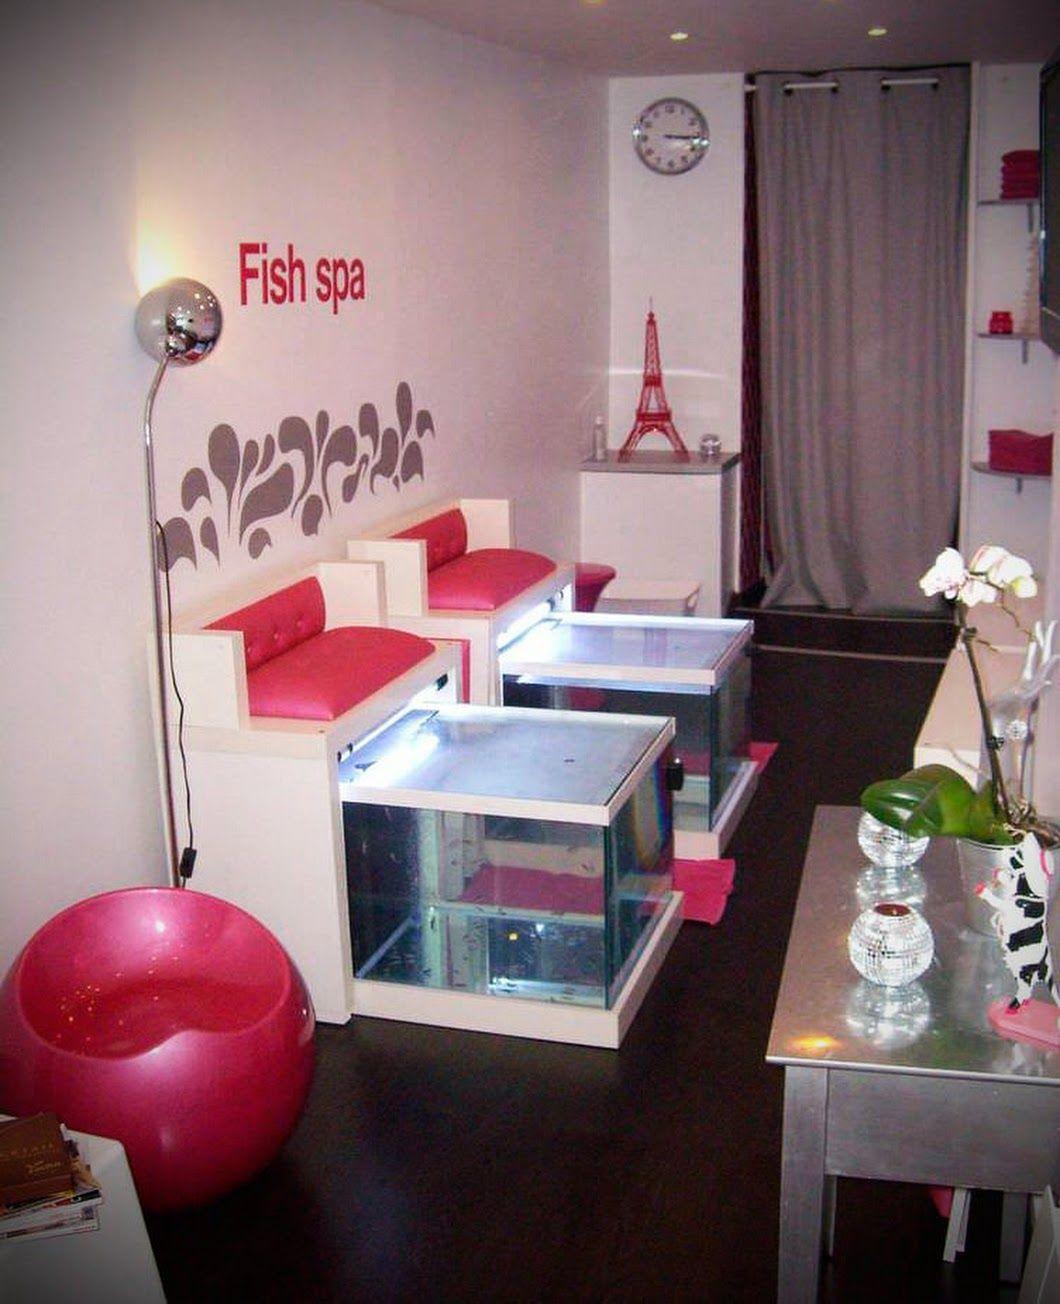 Fish spa installé et entretenu par #Aquarium Services France ...